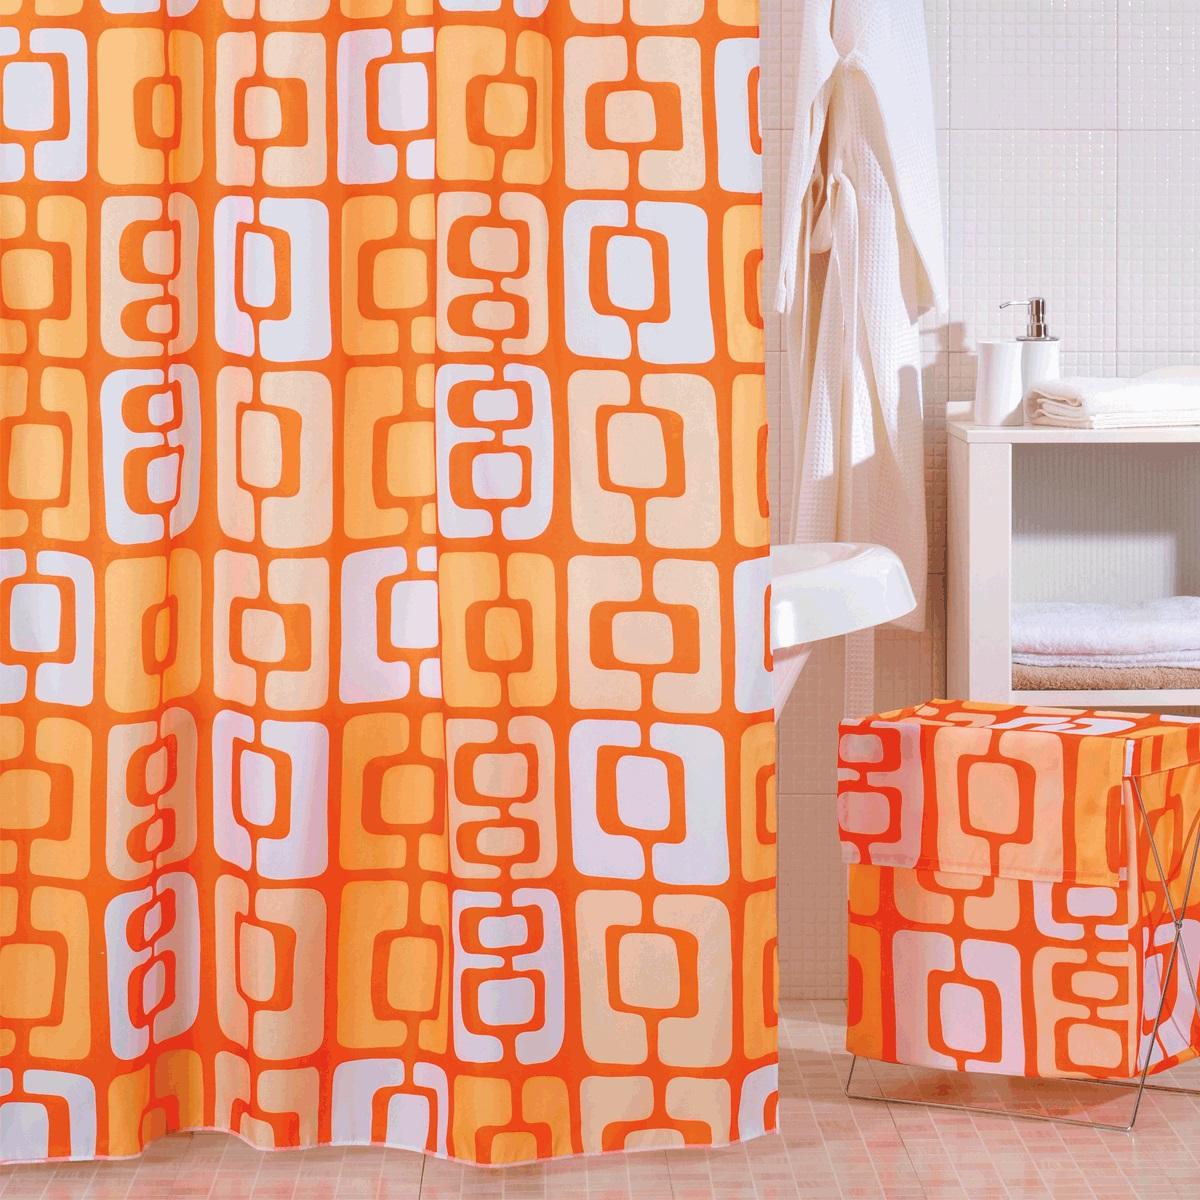 Штора для ванной Iddis Orange Toffee, цвет: оранжевый, 200 x 240 см280P24RI11Штора для ванной комнаты Iddis выполнена из быстросохнущего материала - 100% полиэстера, что обеспечивает прочность изделия и легкость ухода за ним.Материал шторы пропитан специальным водоотталкивающим составом Waterprof.Изделие изготовлено из экологически-чистого материала, оно обладает высокой степенью гигиеничности, не вызывает аллергических реакций.Штора имеет 12 металлических люверсов. В комплекте: штора и кольца с системой Click.